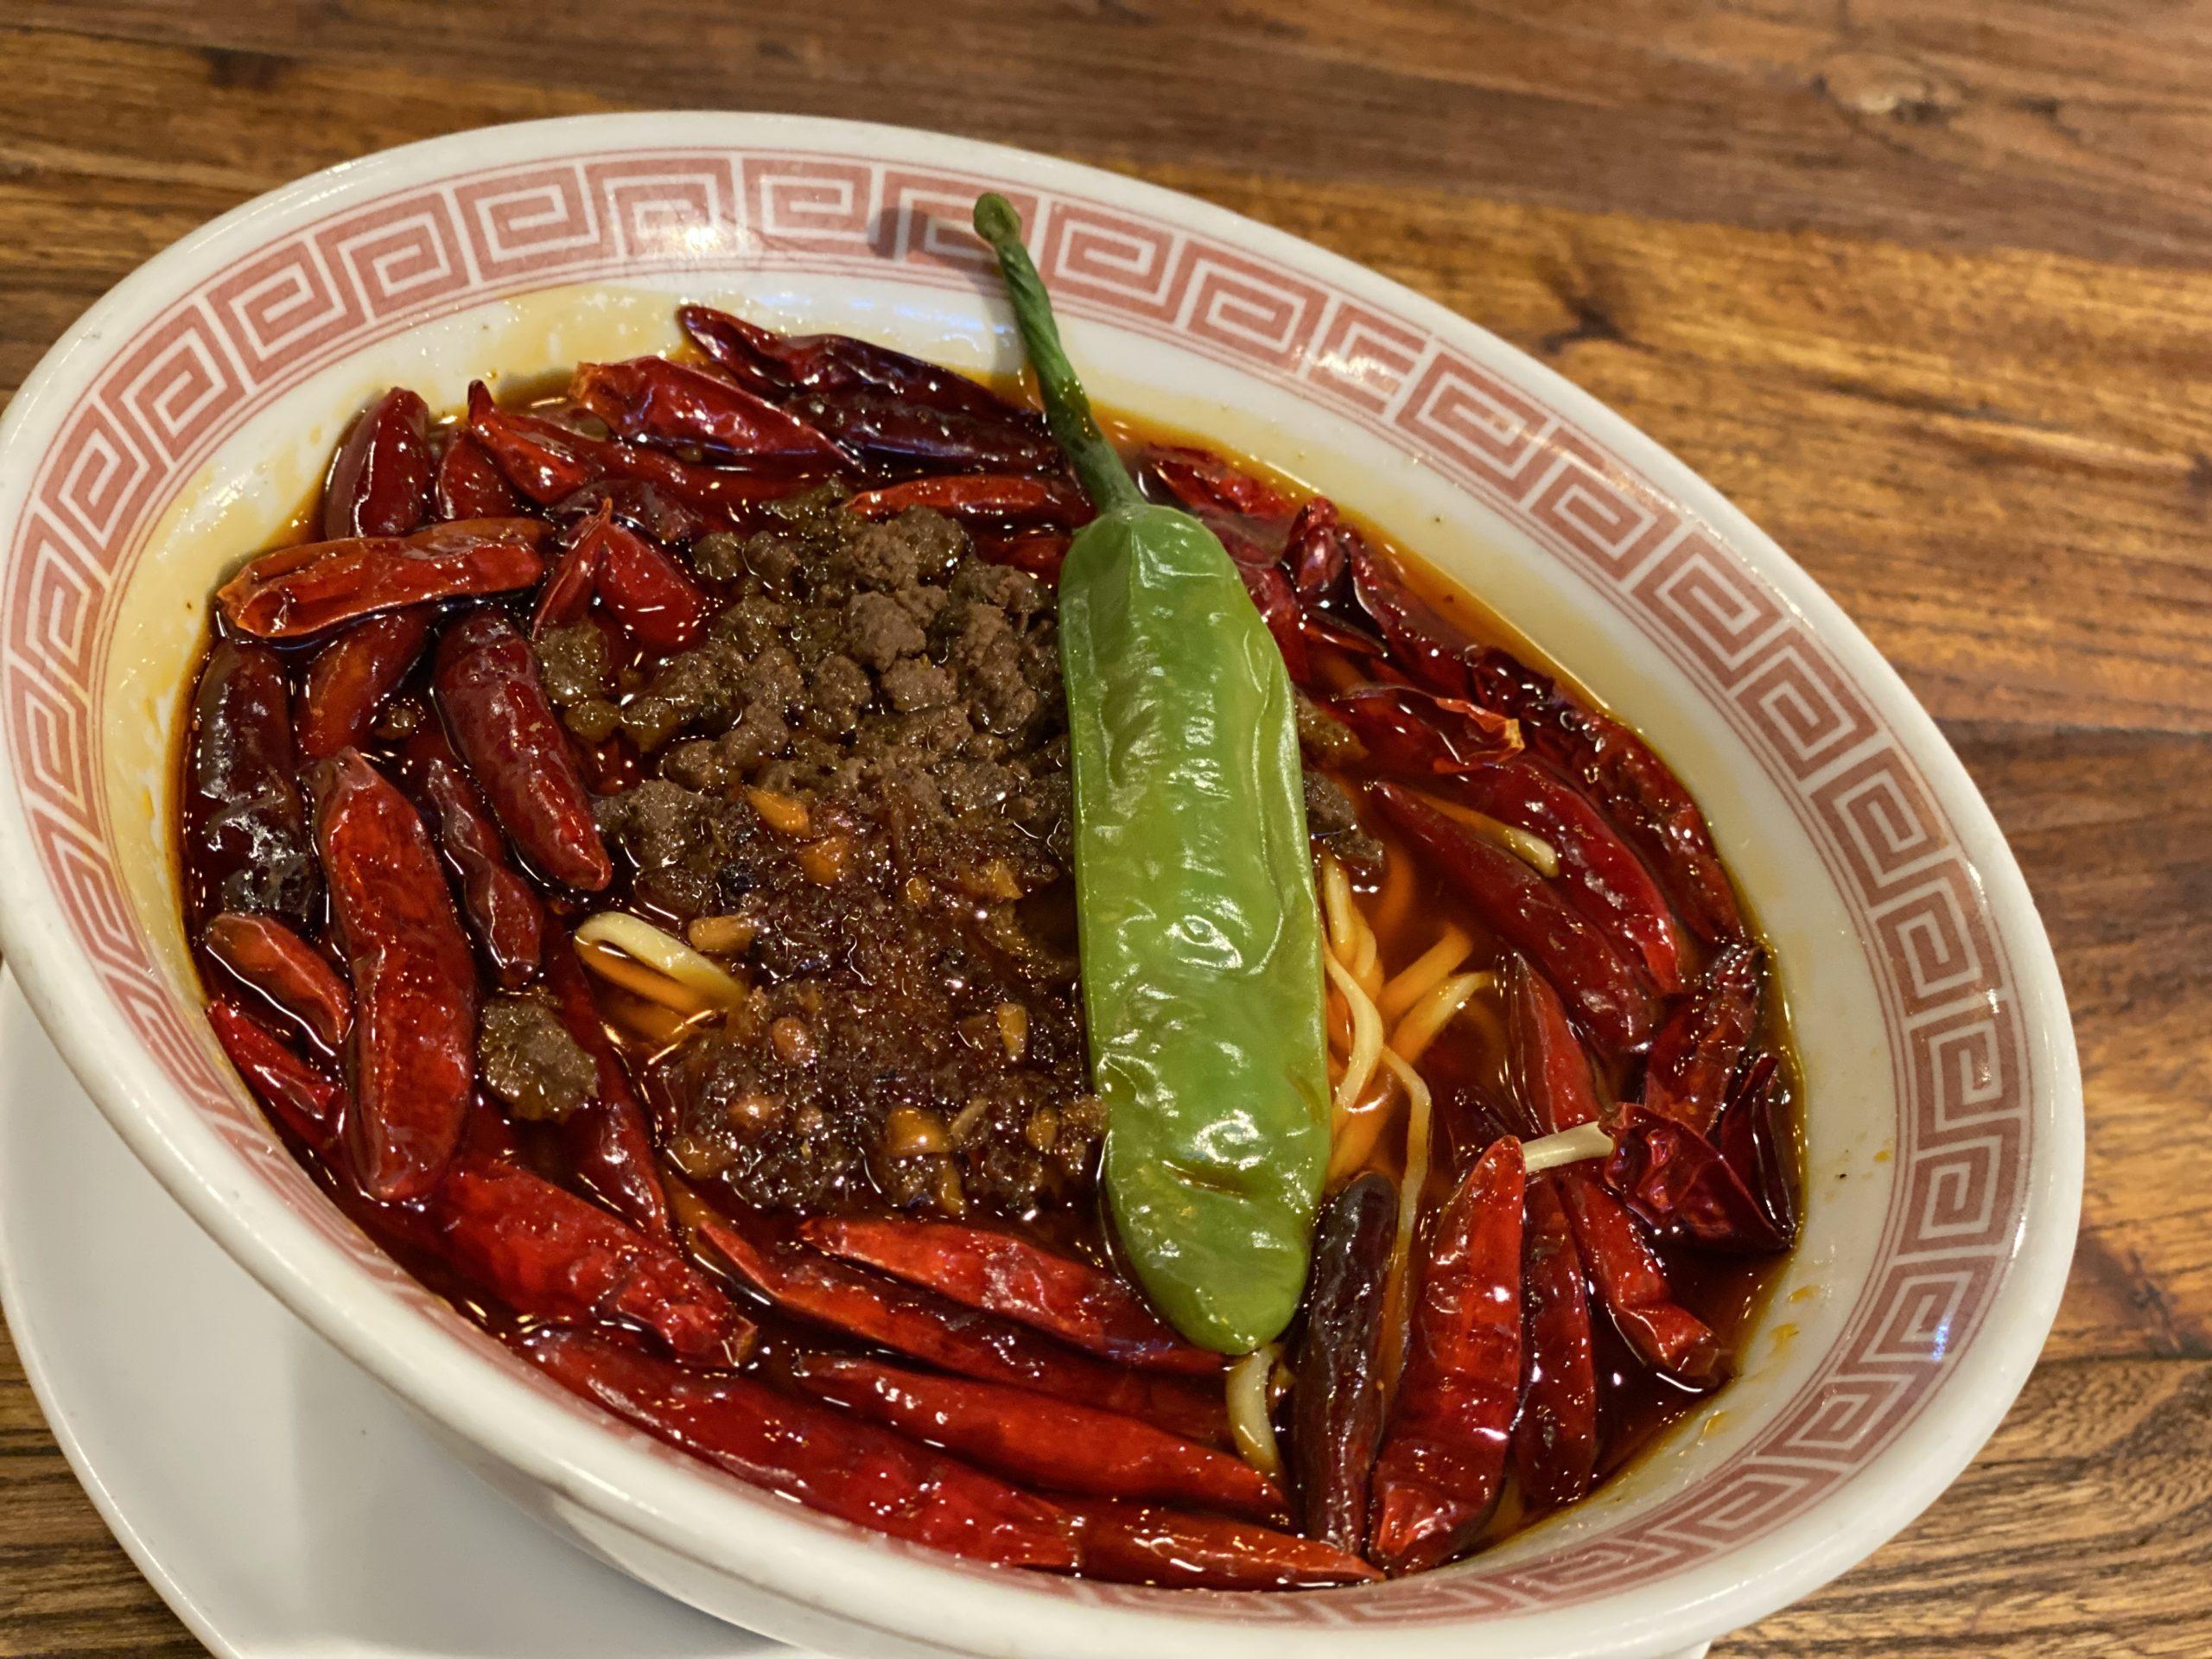 唐辛子30本以上!金沢市にある『梅梅』の超麻辣担々麺にチャレンジ!